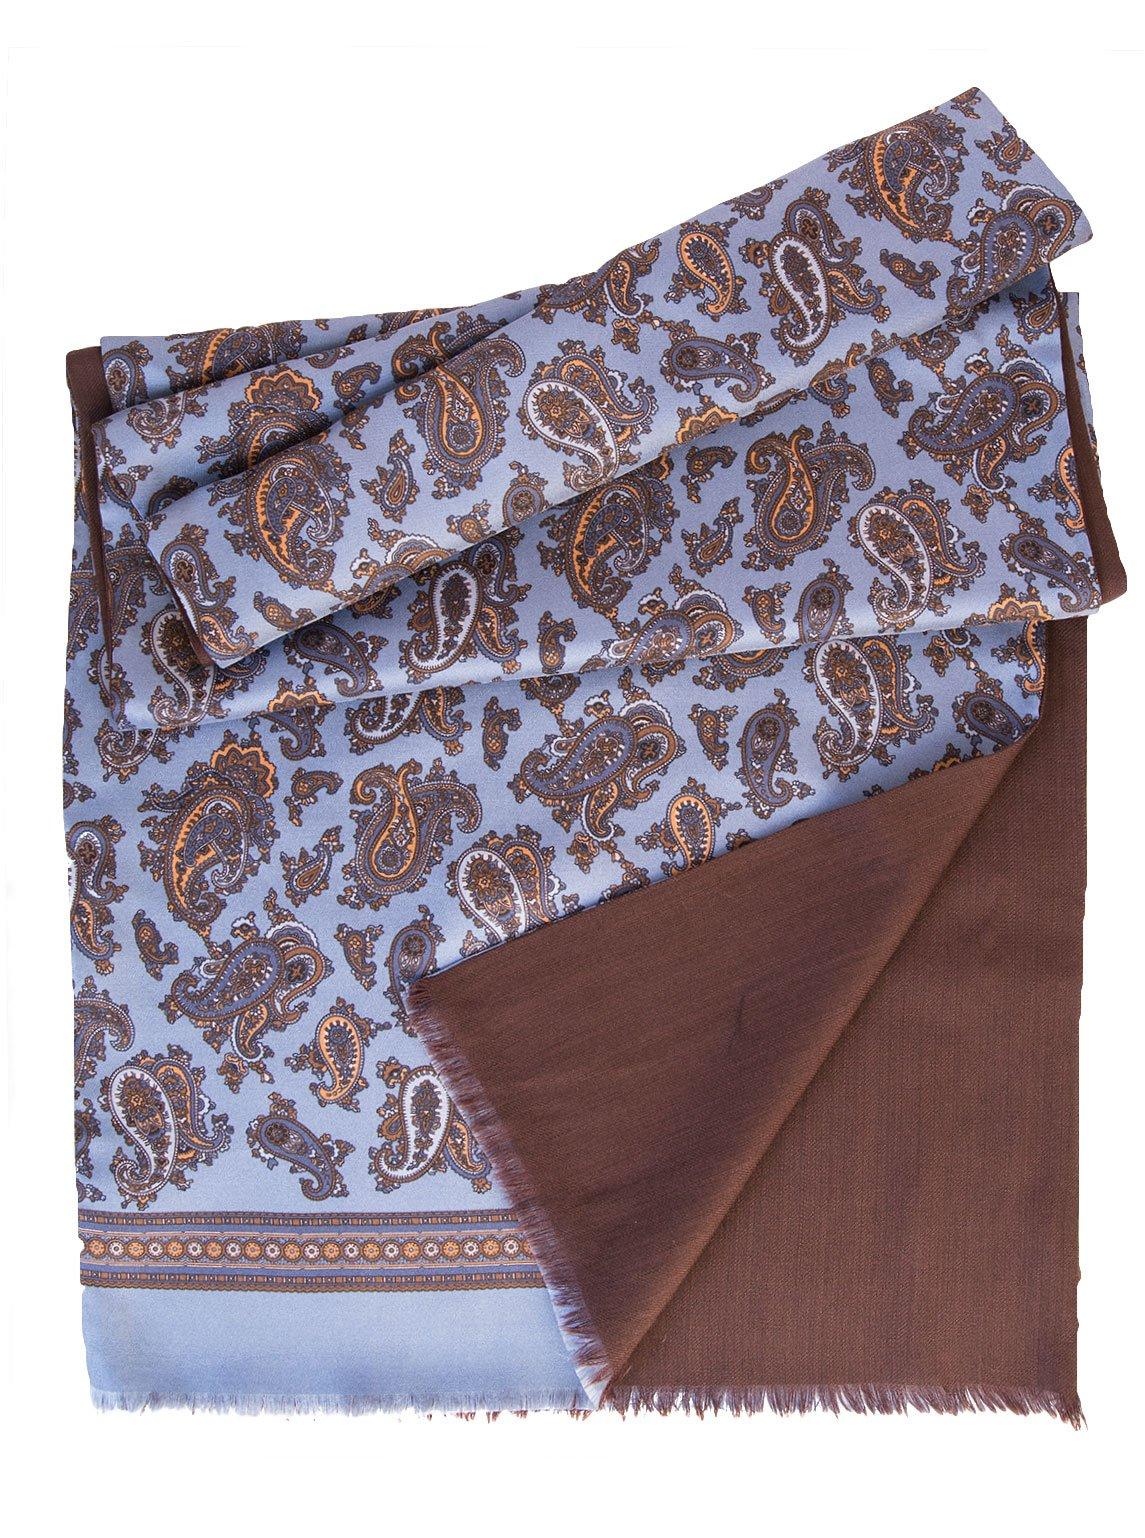 Elizabetta Men's Italian Silk Scarf - Soft Wool Lined - Blue & Brown Paisley by Elizabetta